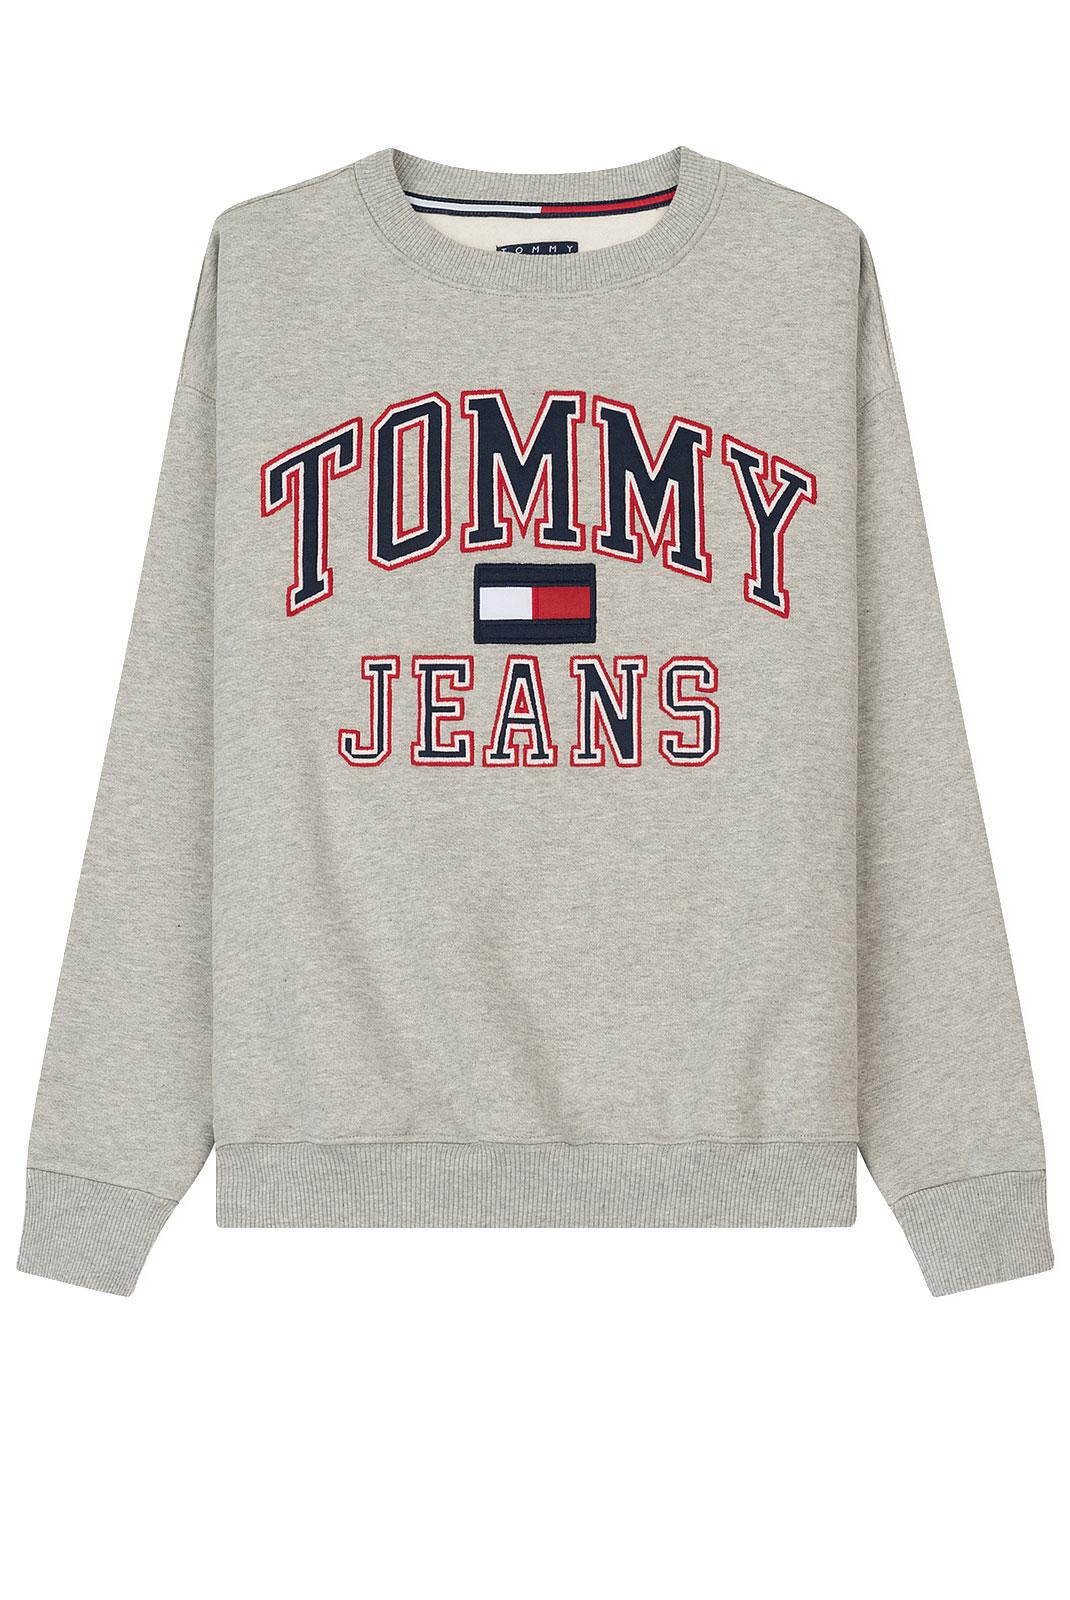 Sweat / sweat zippé  Tommy Jeans DW0DW04043009 009 GREY MARL